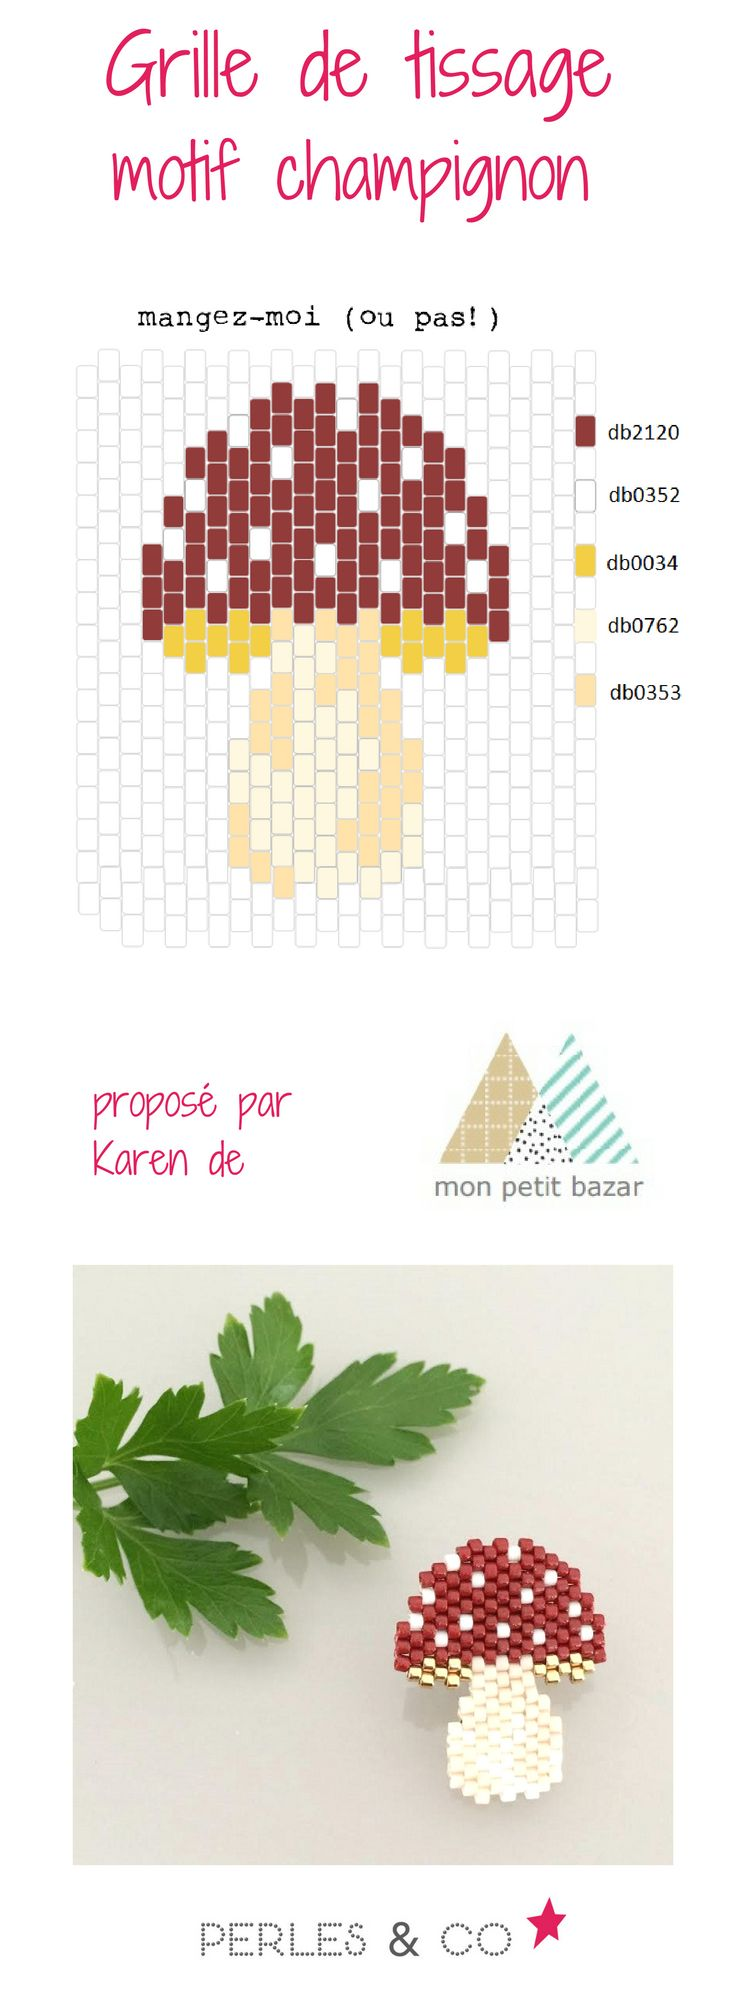 """Et si on s'amusait à tisser un champignon? Grâce à  Karen du blog Mon petit bazar, voici un diagramme nommé  """"mangez-moi (ou pas!)""""  réaliser un motif automnal avec des perles Miyuki 11/0.     Ce motif est réalisé avec la technique brickstitch. Retouvez le tutoriel sur Perles & Co >> https://www.perlesandco.com/Diagramme_champignon_en_perles_Miyuki_Delicas_par_Mon_Petit_Bazar-s-2776-47.html"""